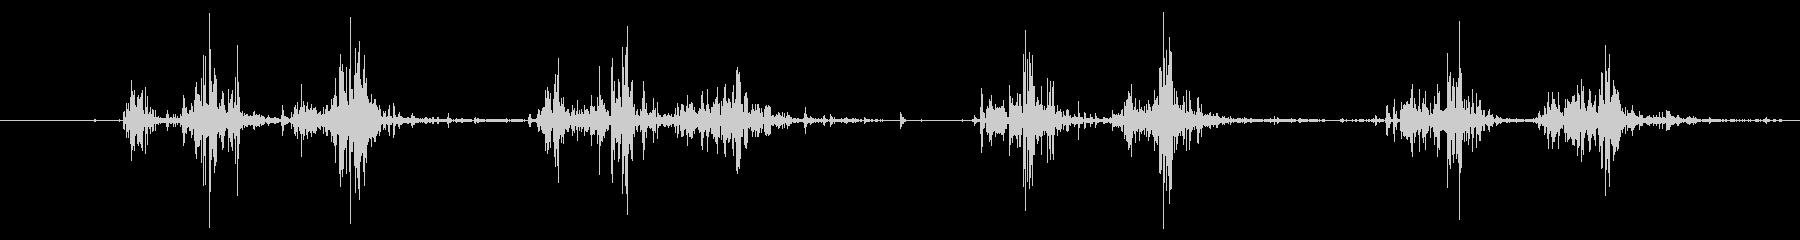 タブレッド菓子を出す音1モノラルの未再生の波形